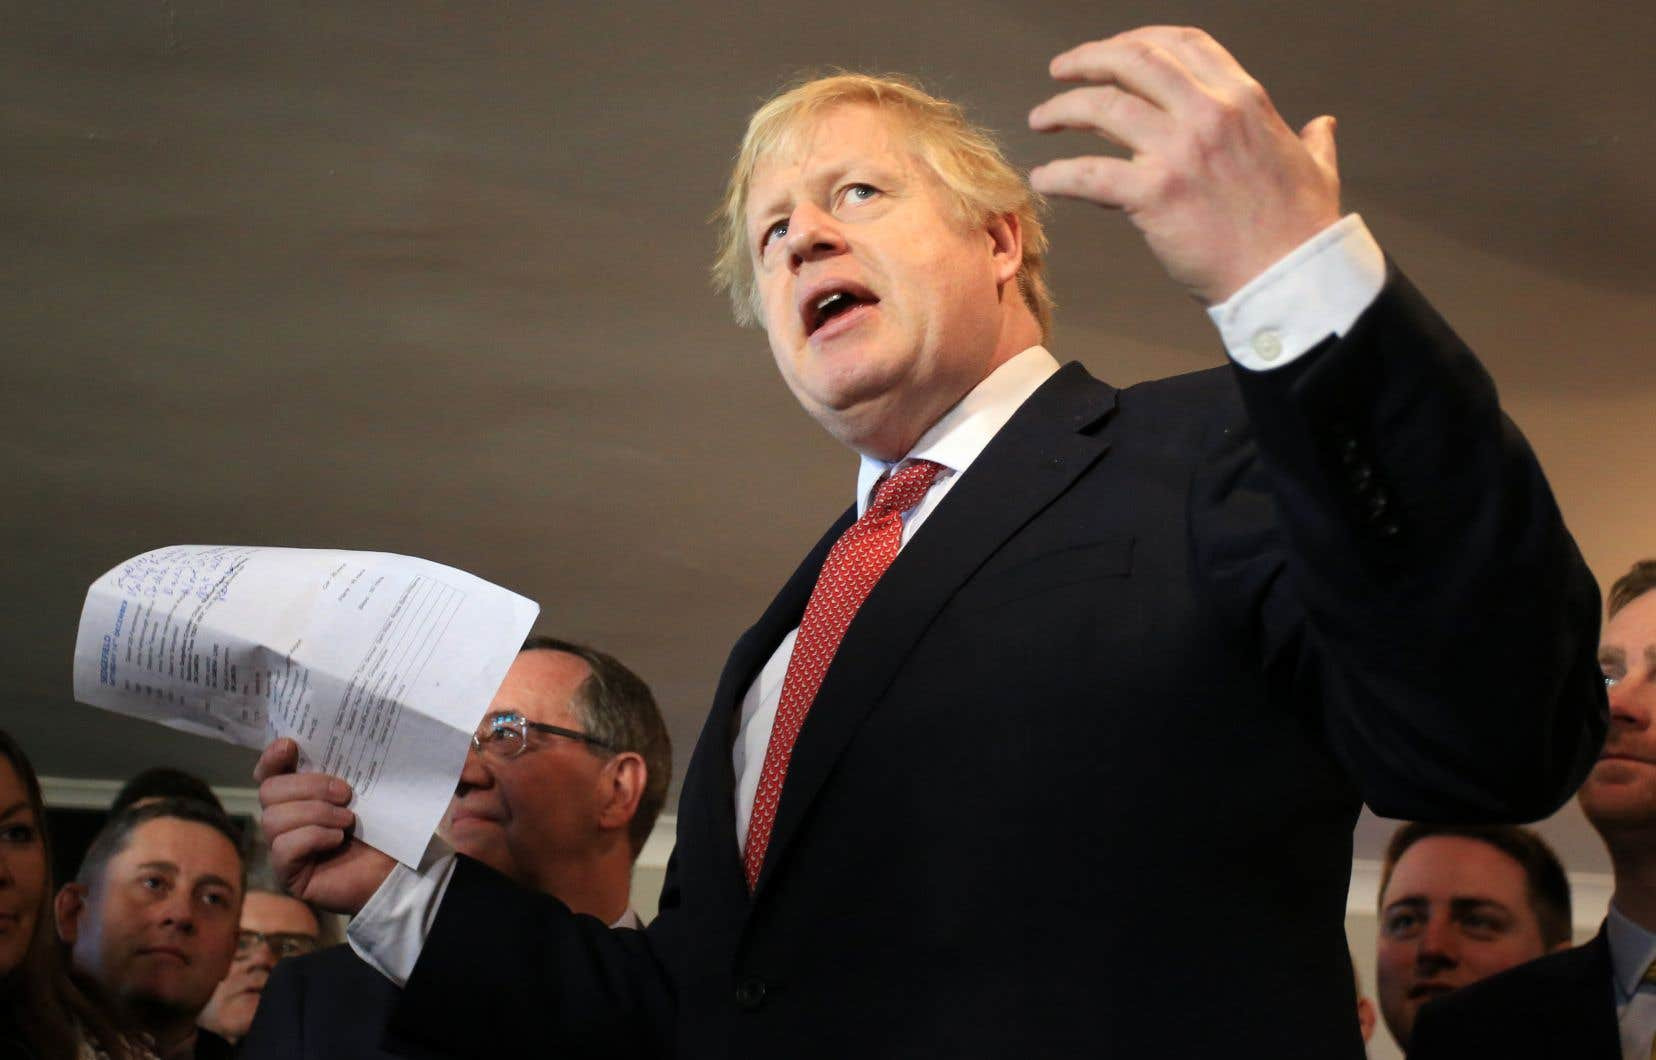 Le premier ministre britannique, Boris Johnson, s'est adressé à ses partisans et a réitéré son intention de «réaliser le Brexit» d'ici la fin du mois de janvier.